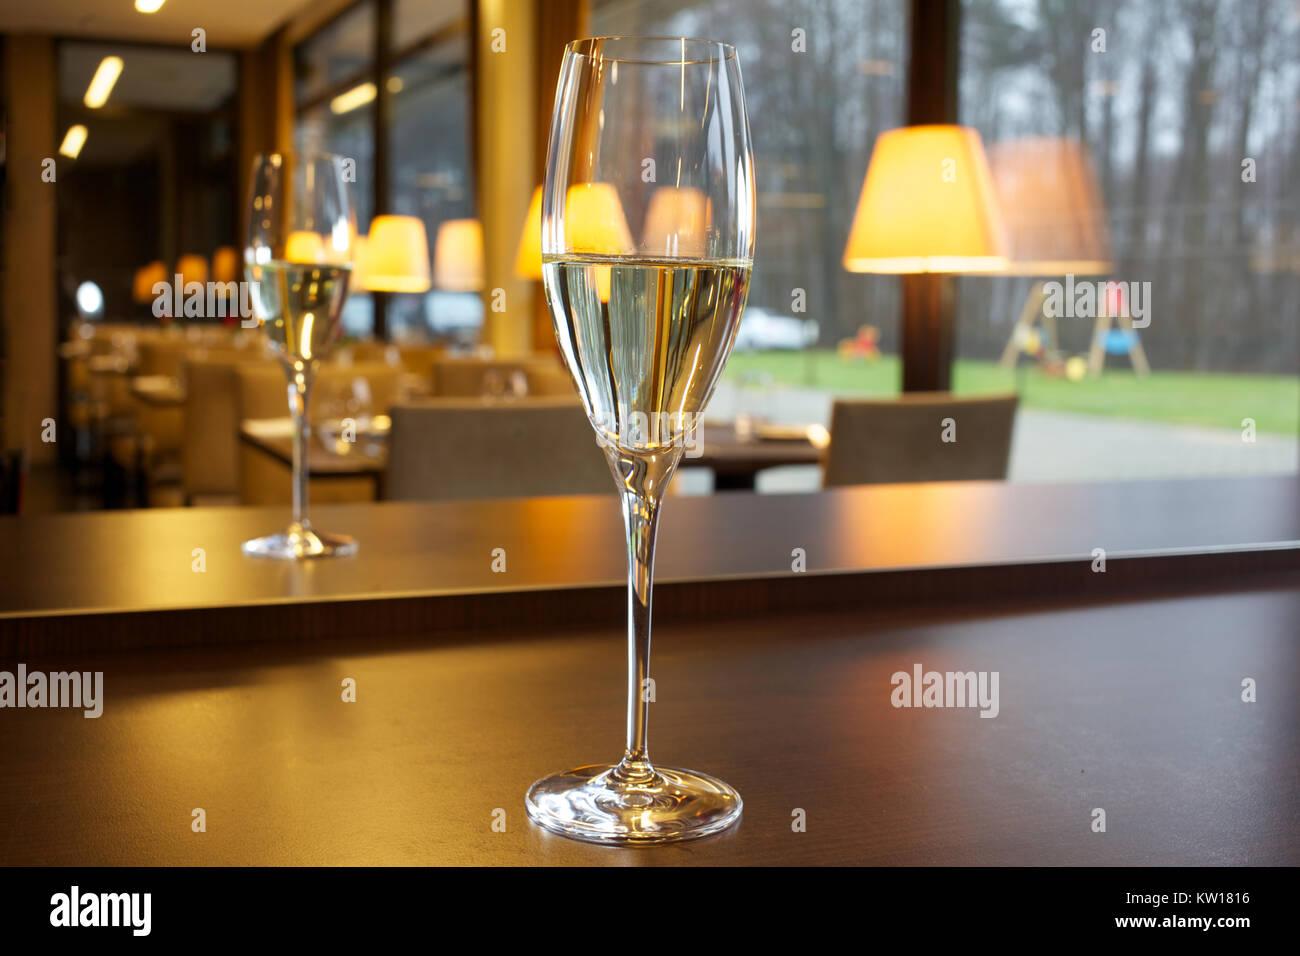 Verre de champagne sur la table dans le restaurant. Banque D'Images